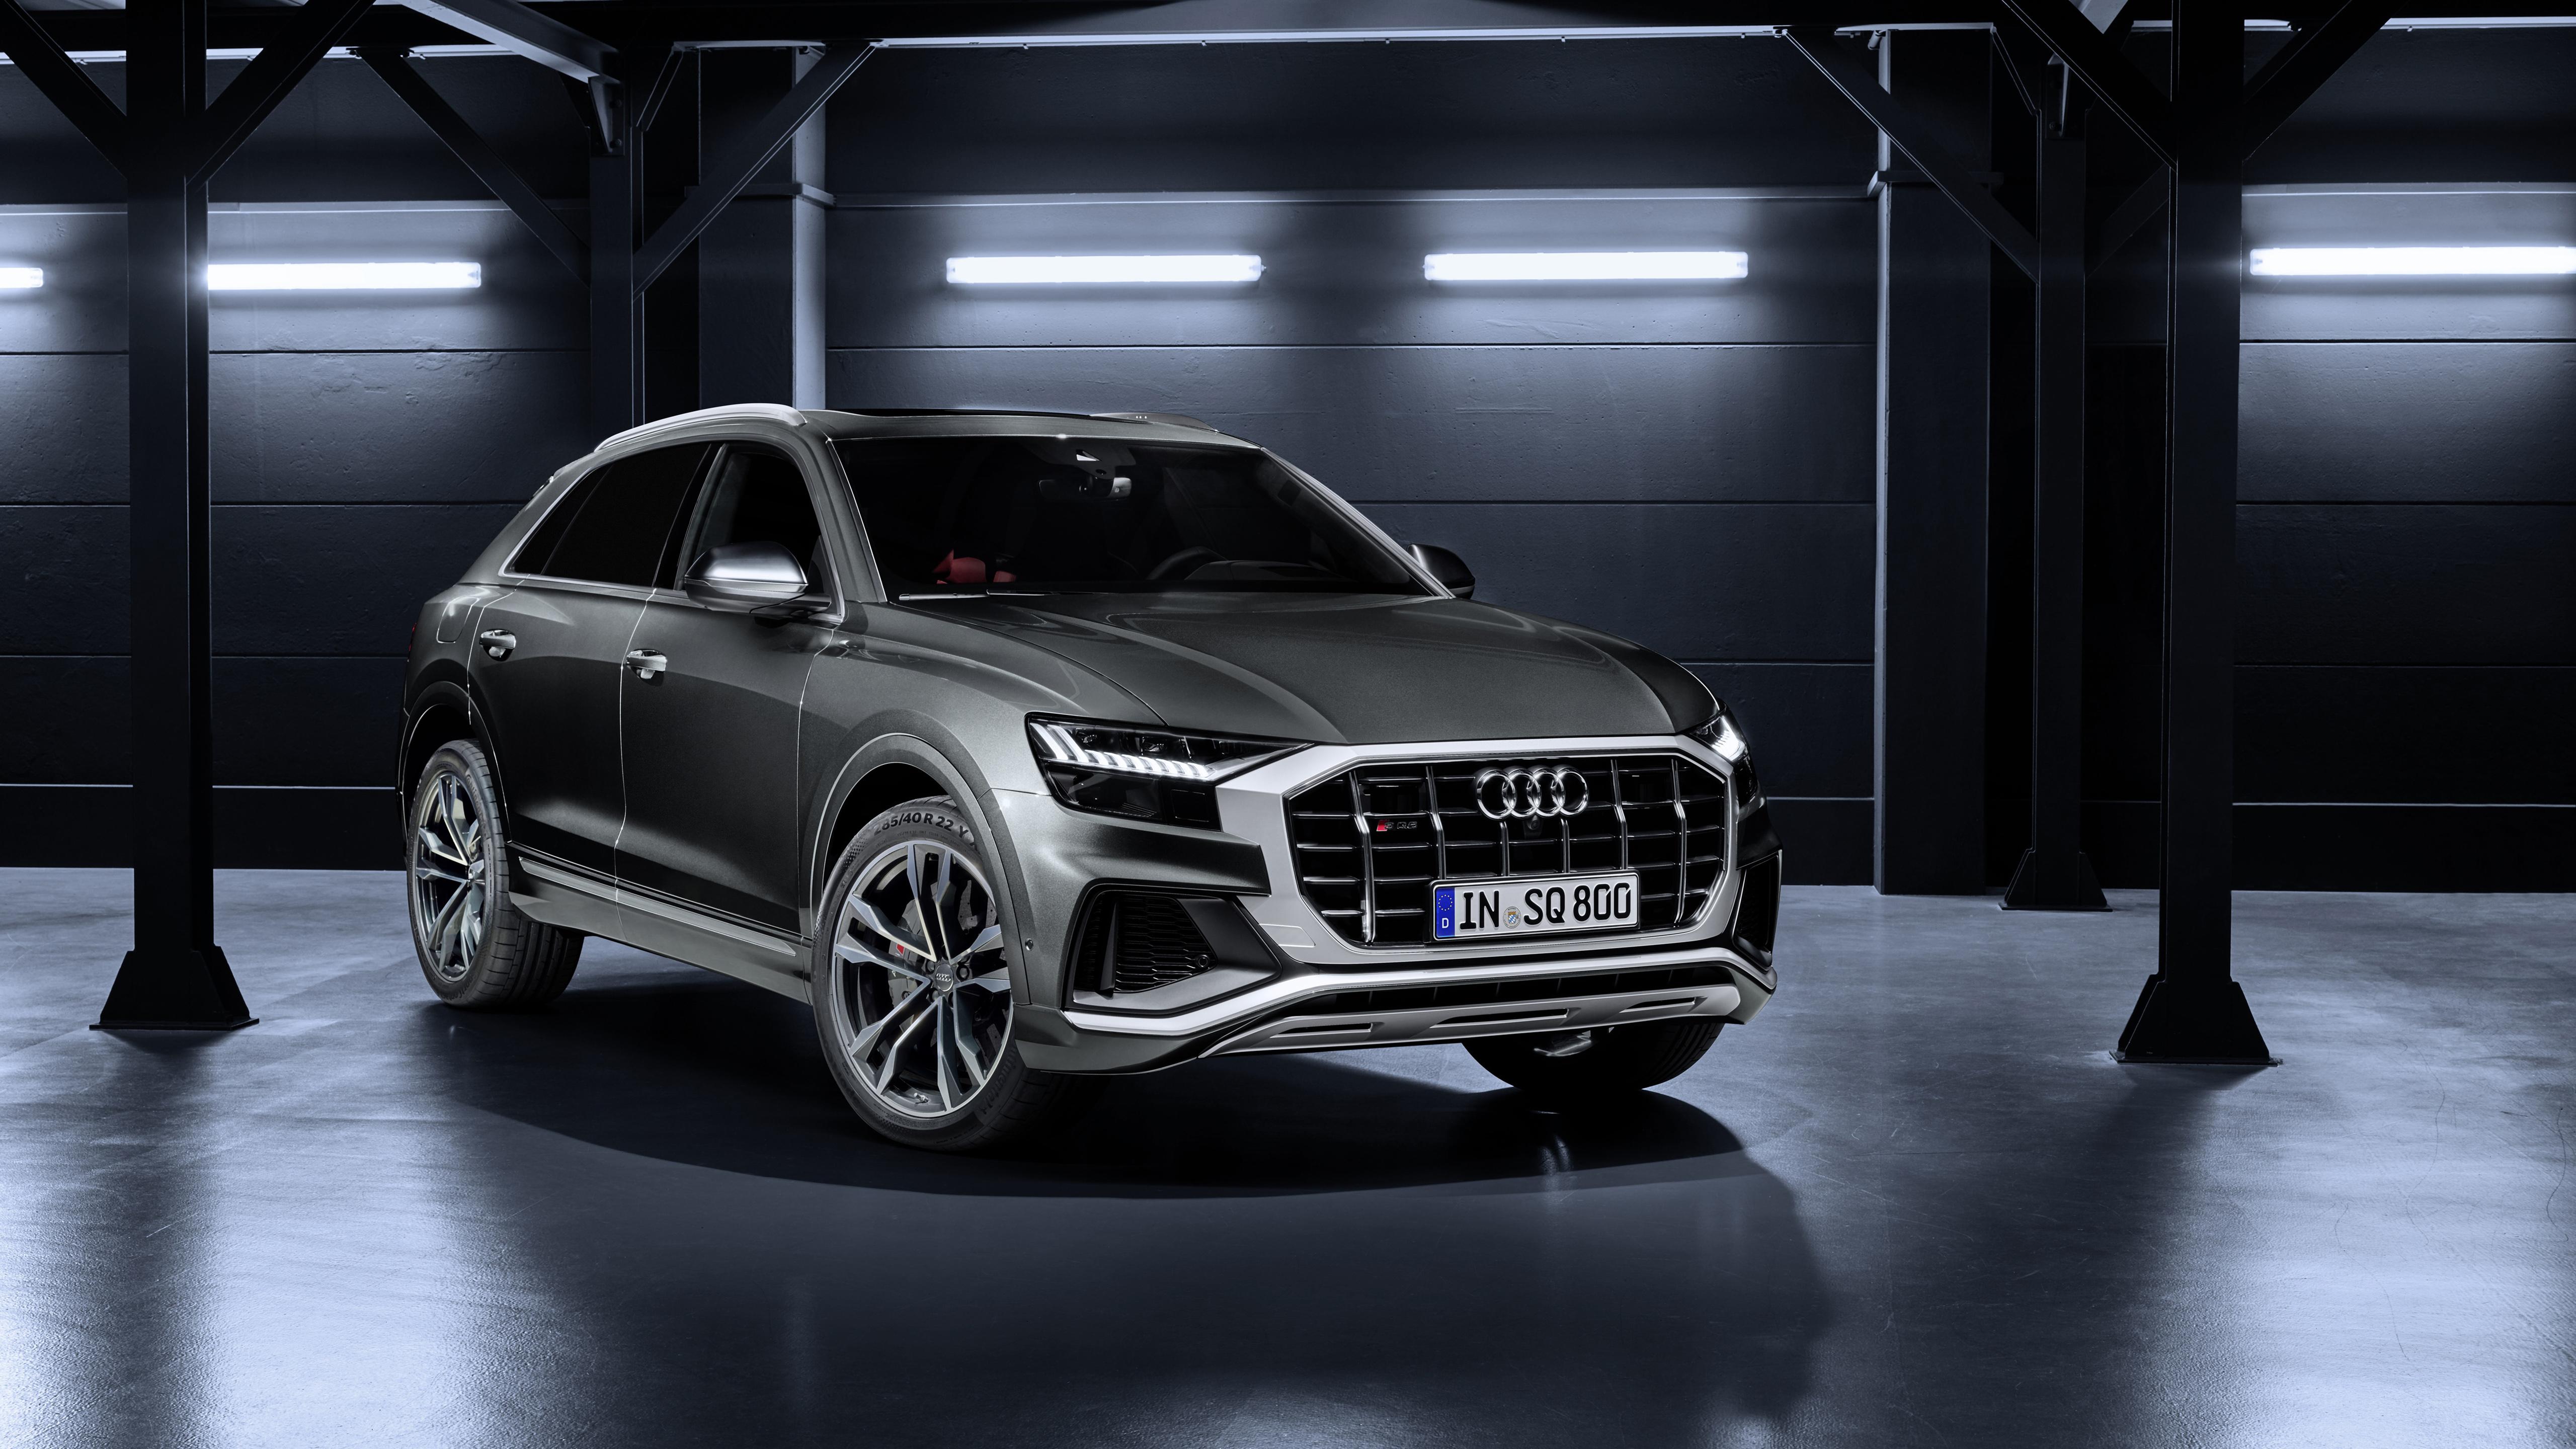 Audi Sq8 Tdi 2019 4k Audi Sq8 5120x2880 Wallpaper Teahub Io